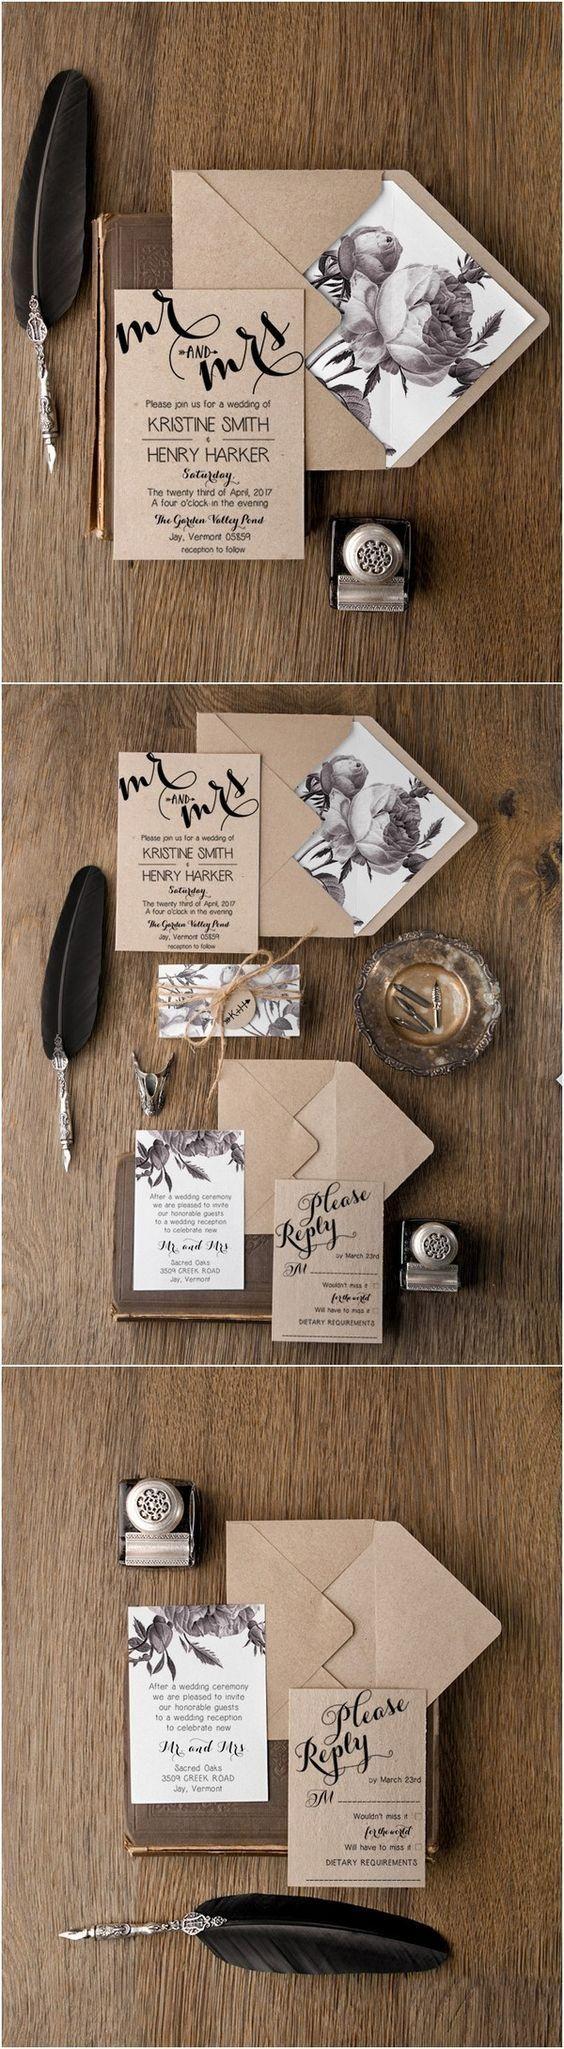 【好康】打破传统红卡片!来个不一样的婚礼邀请卡设计!